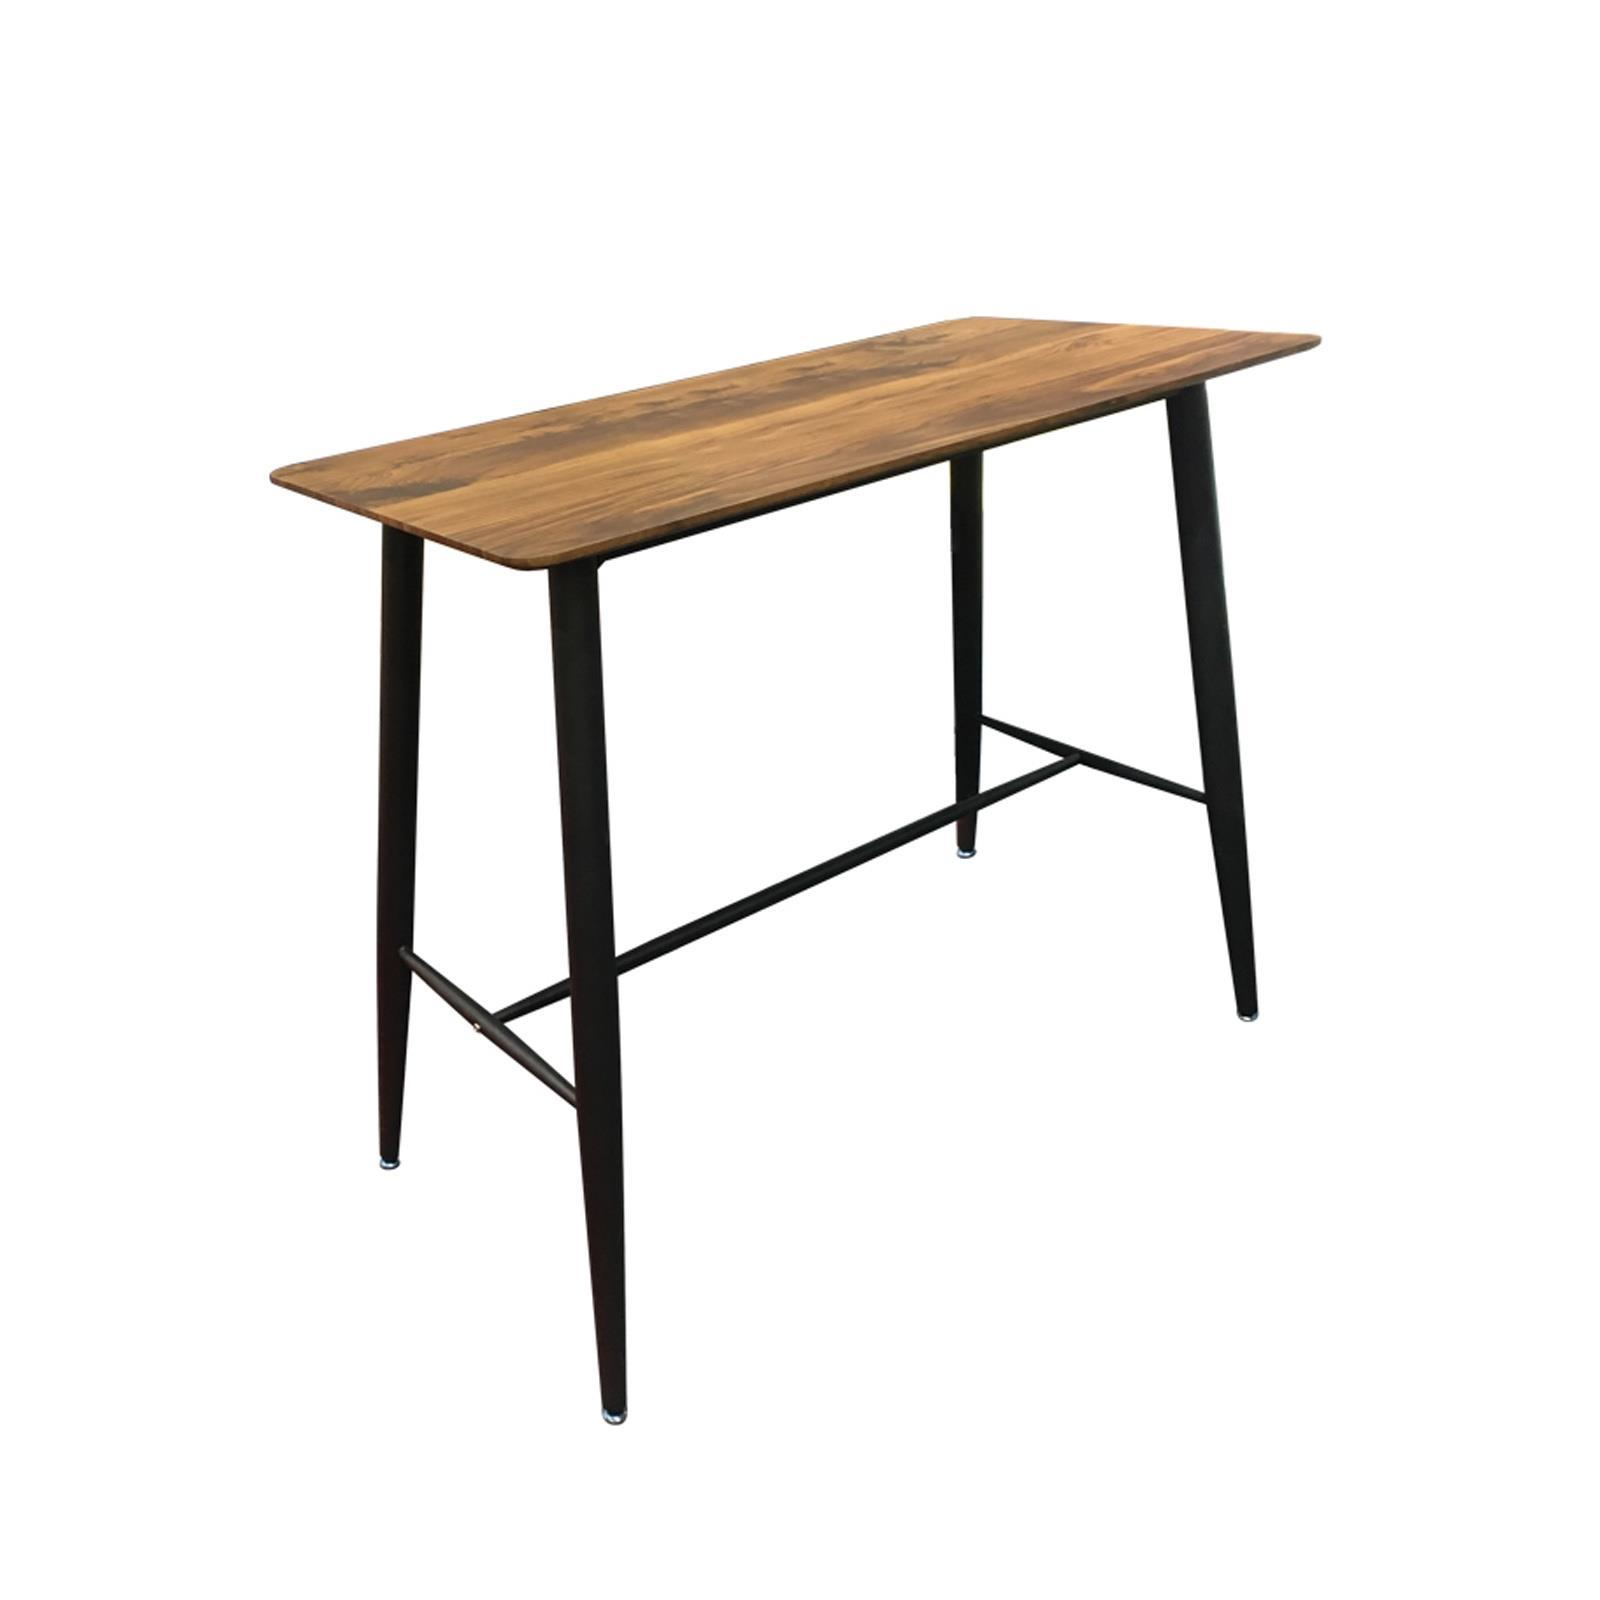 LAVIDA τραπέζι bar antique oak και μεταλλικό σκελετό Υ106x120x60εκ.